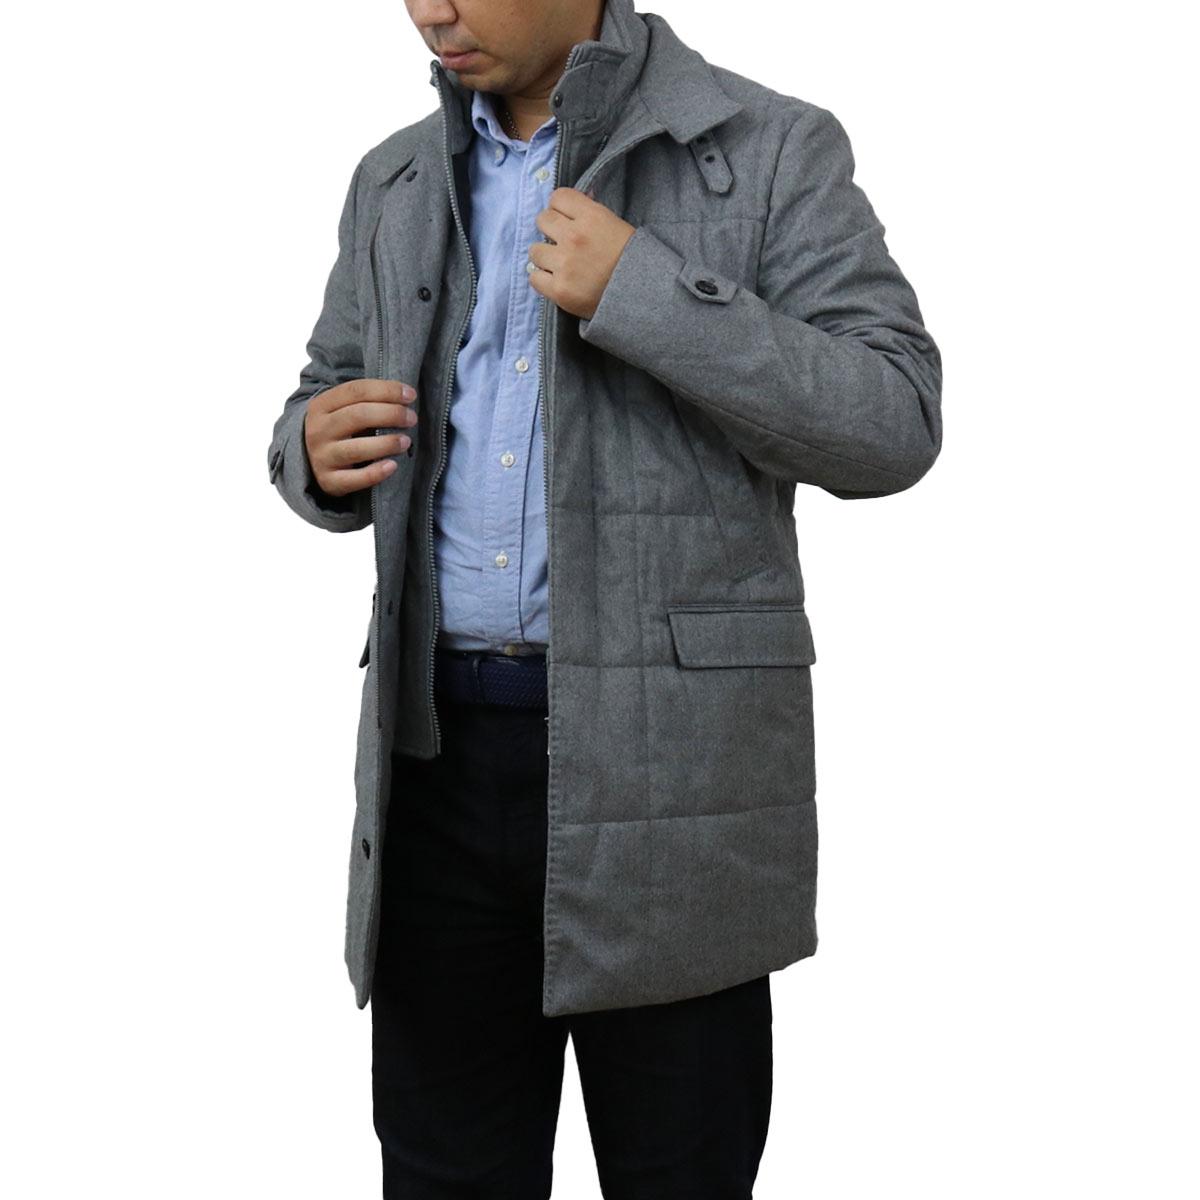 新卒 社会人応援 高級ビジネスアウター超特価 モンテコーレ MONTECORE メンズジャケット 1520I426 132505 95 グレー系 OLS-4 ダウンジャケット ジャケット コート アウター outer-01 ダウン メンズ ビジネス 登場大人気アイテム 日本最大級の品揃え